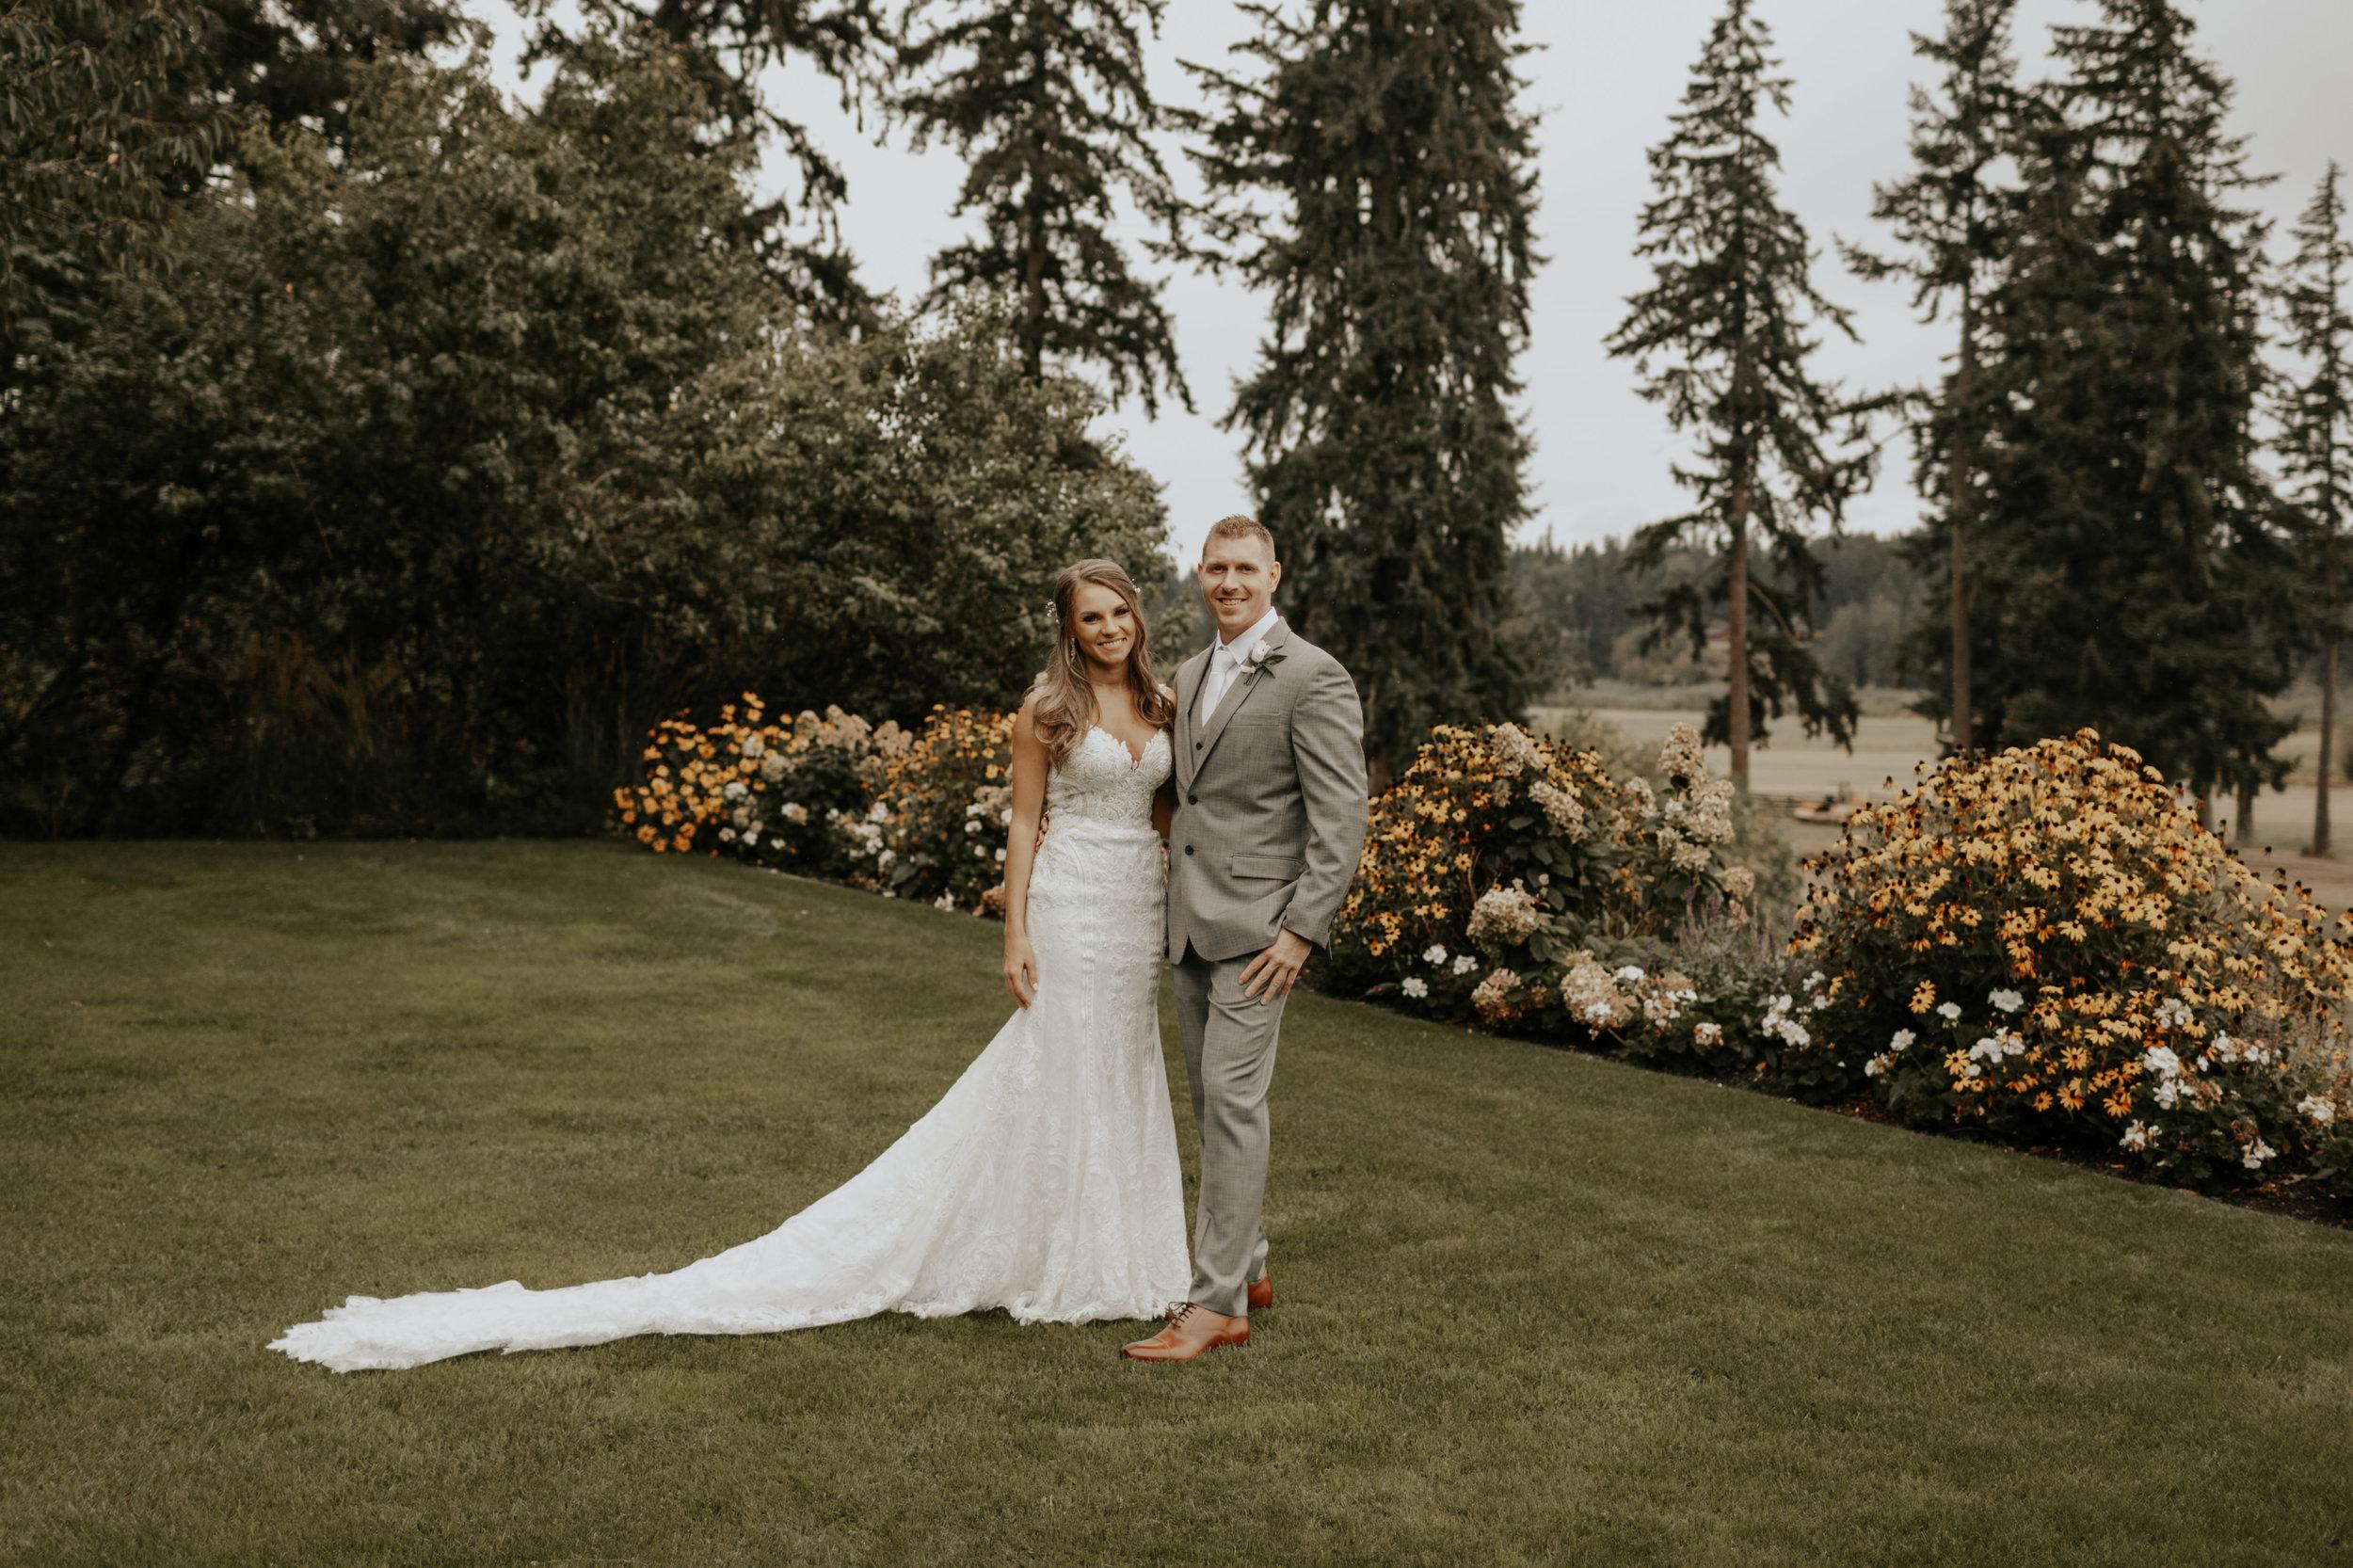 ginapaulson_katjohn_wedding-114.jpg